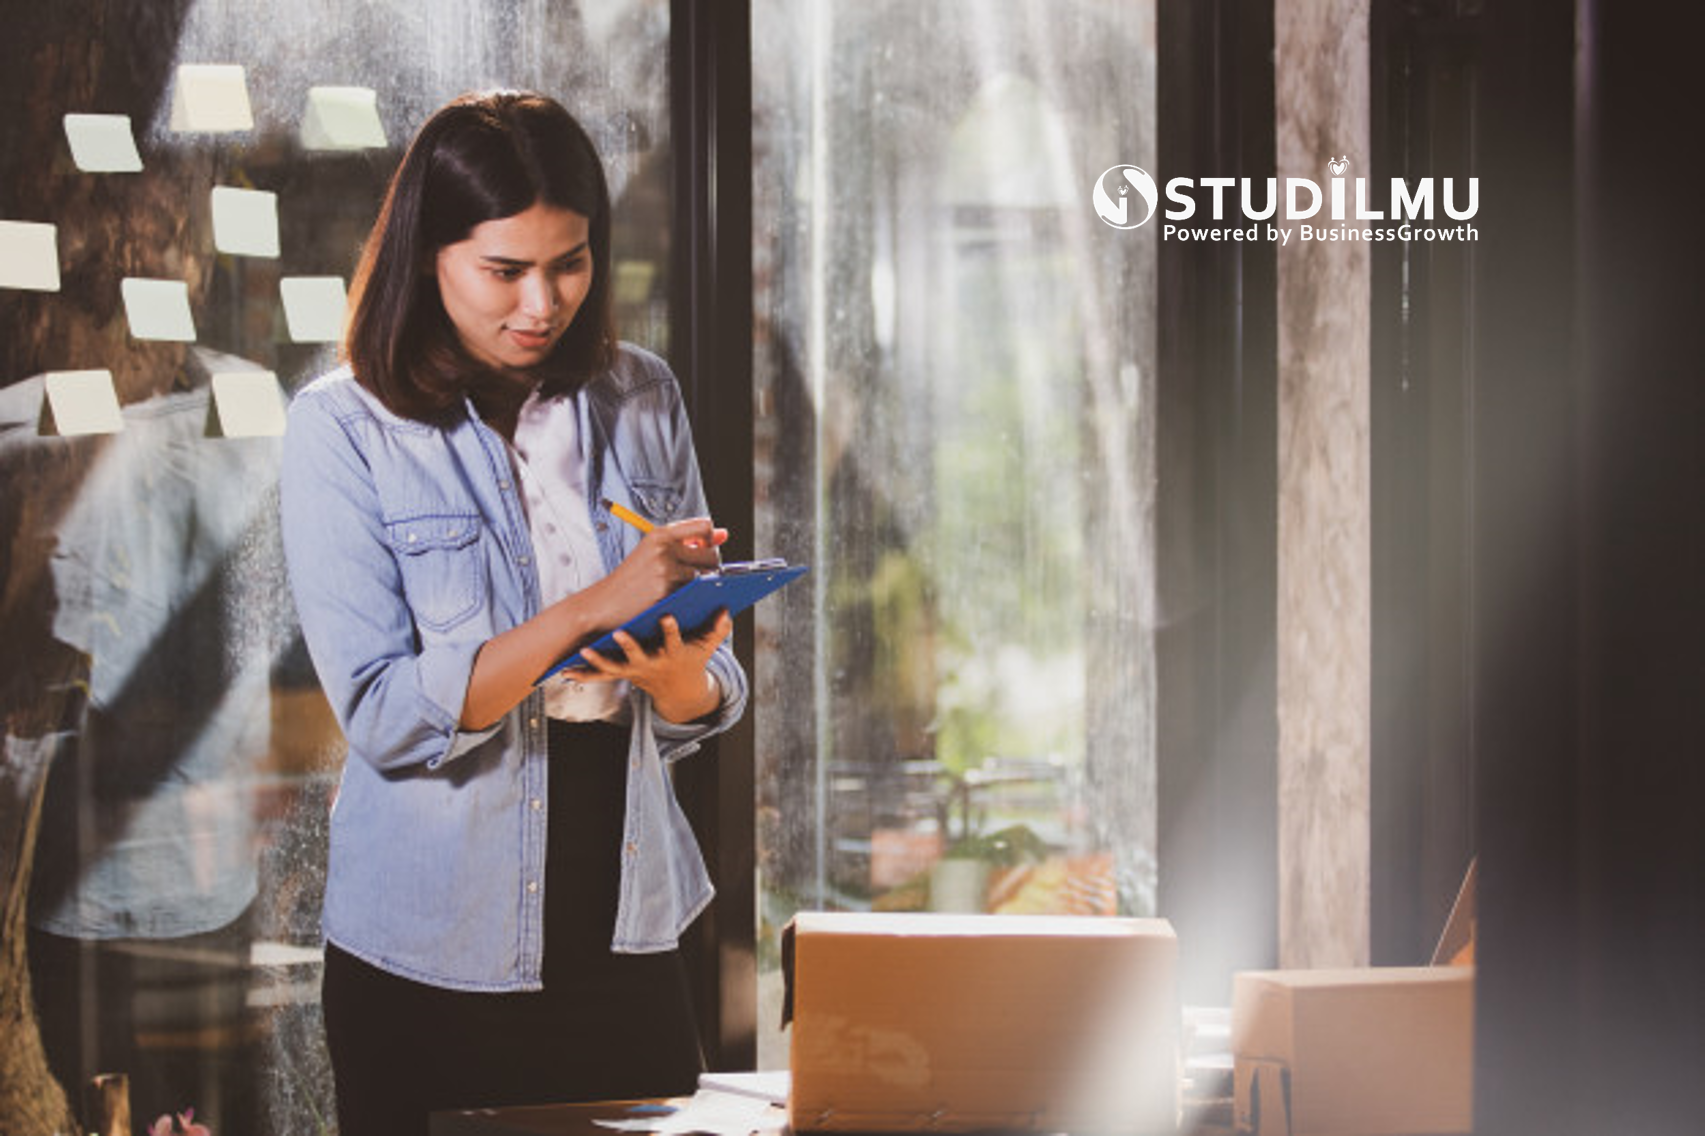 STUDILMU Career Advice - Menjadi Lebih Baik dengan 6 Tips Produktivitas Kerja